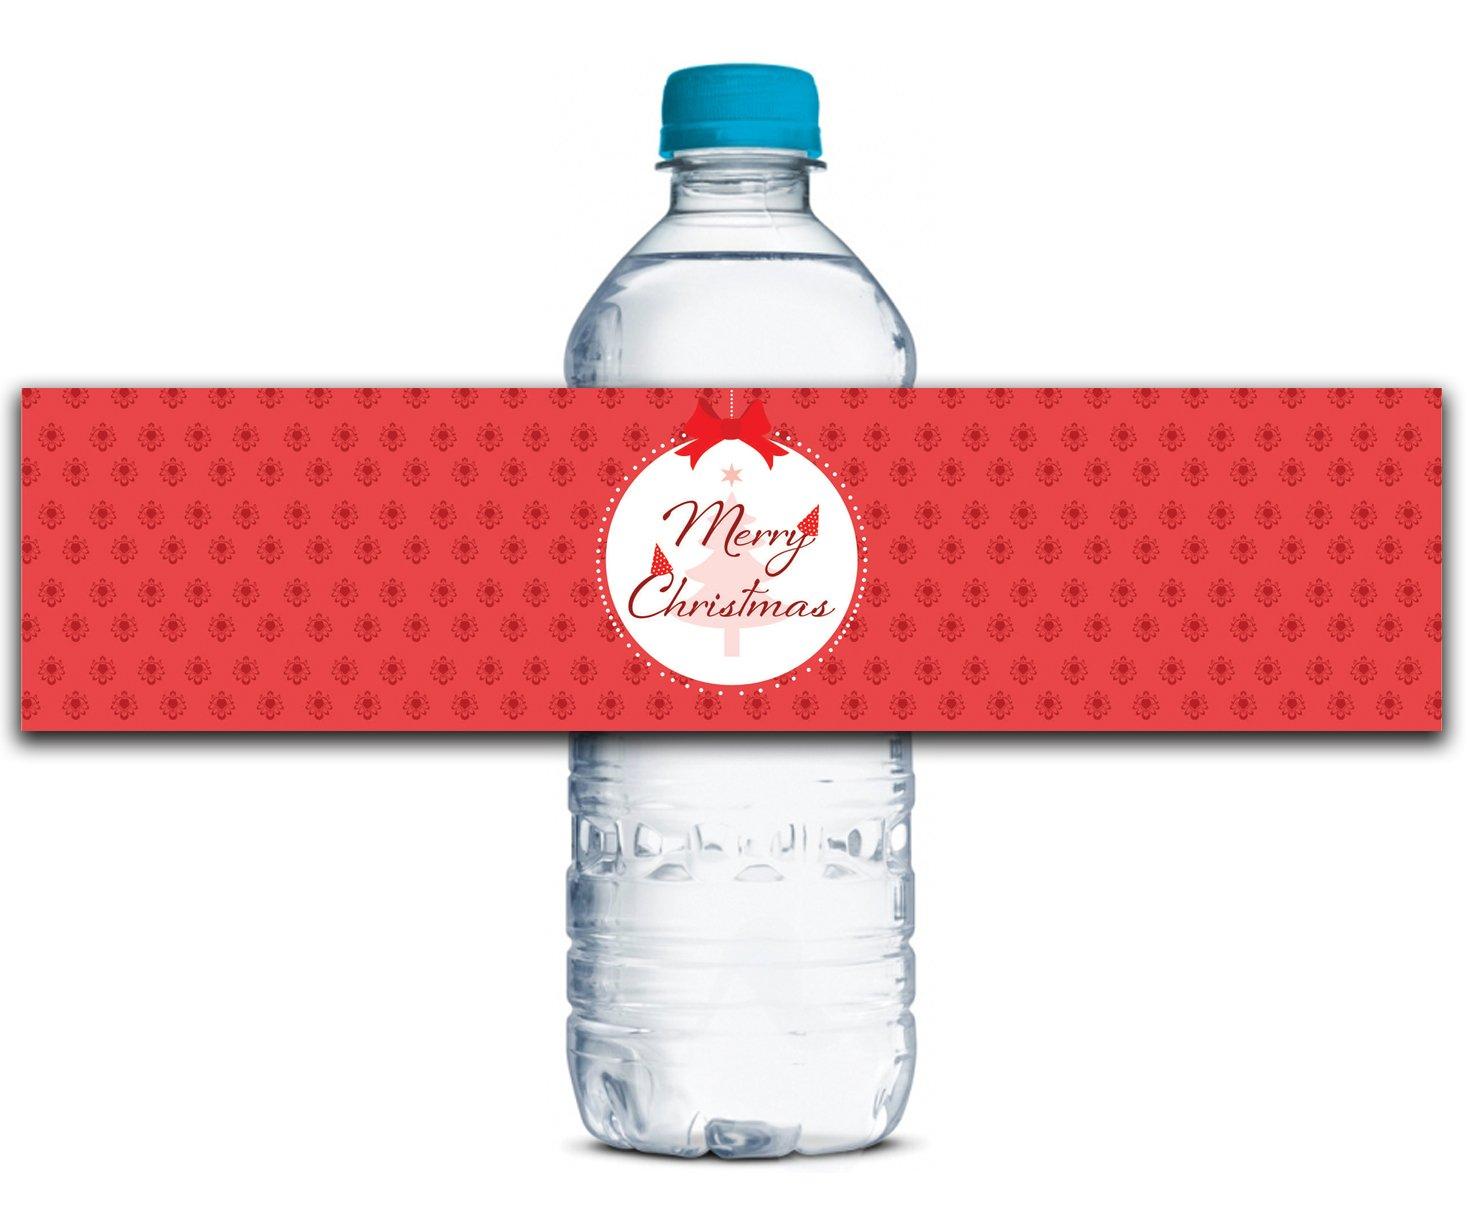 Personalisierte Wasserflasche Etiketten Etiketten Etiketten Selbstklebende wasserdichte Kundenspezifische Weihnachtsaufkleber 8  x 2  Zoll - 50 Etiketten B01A0W7XUW | New Style  4bb856